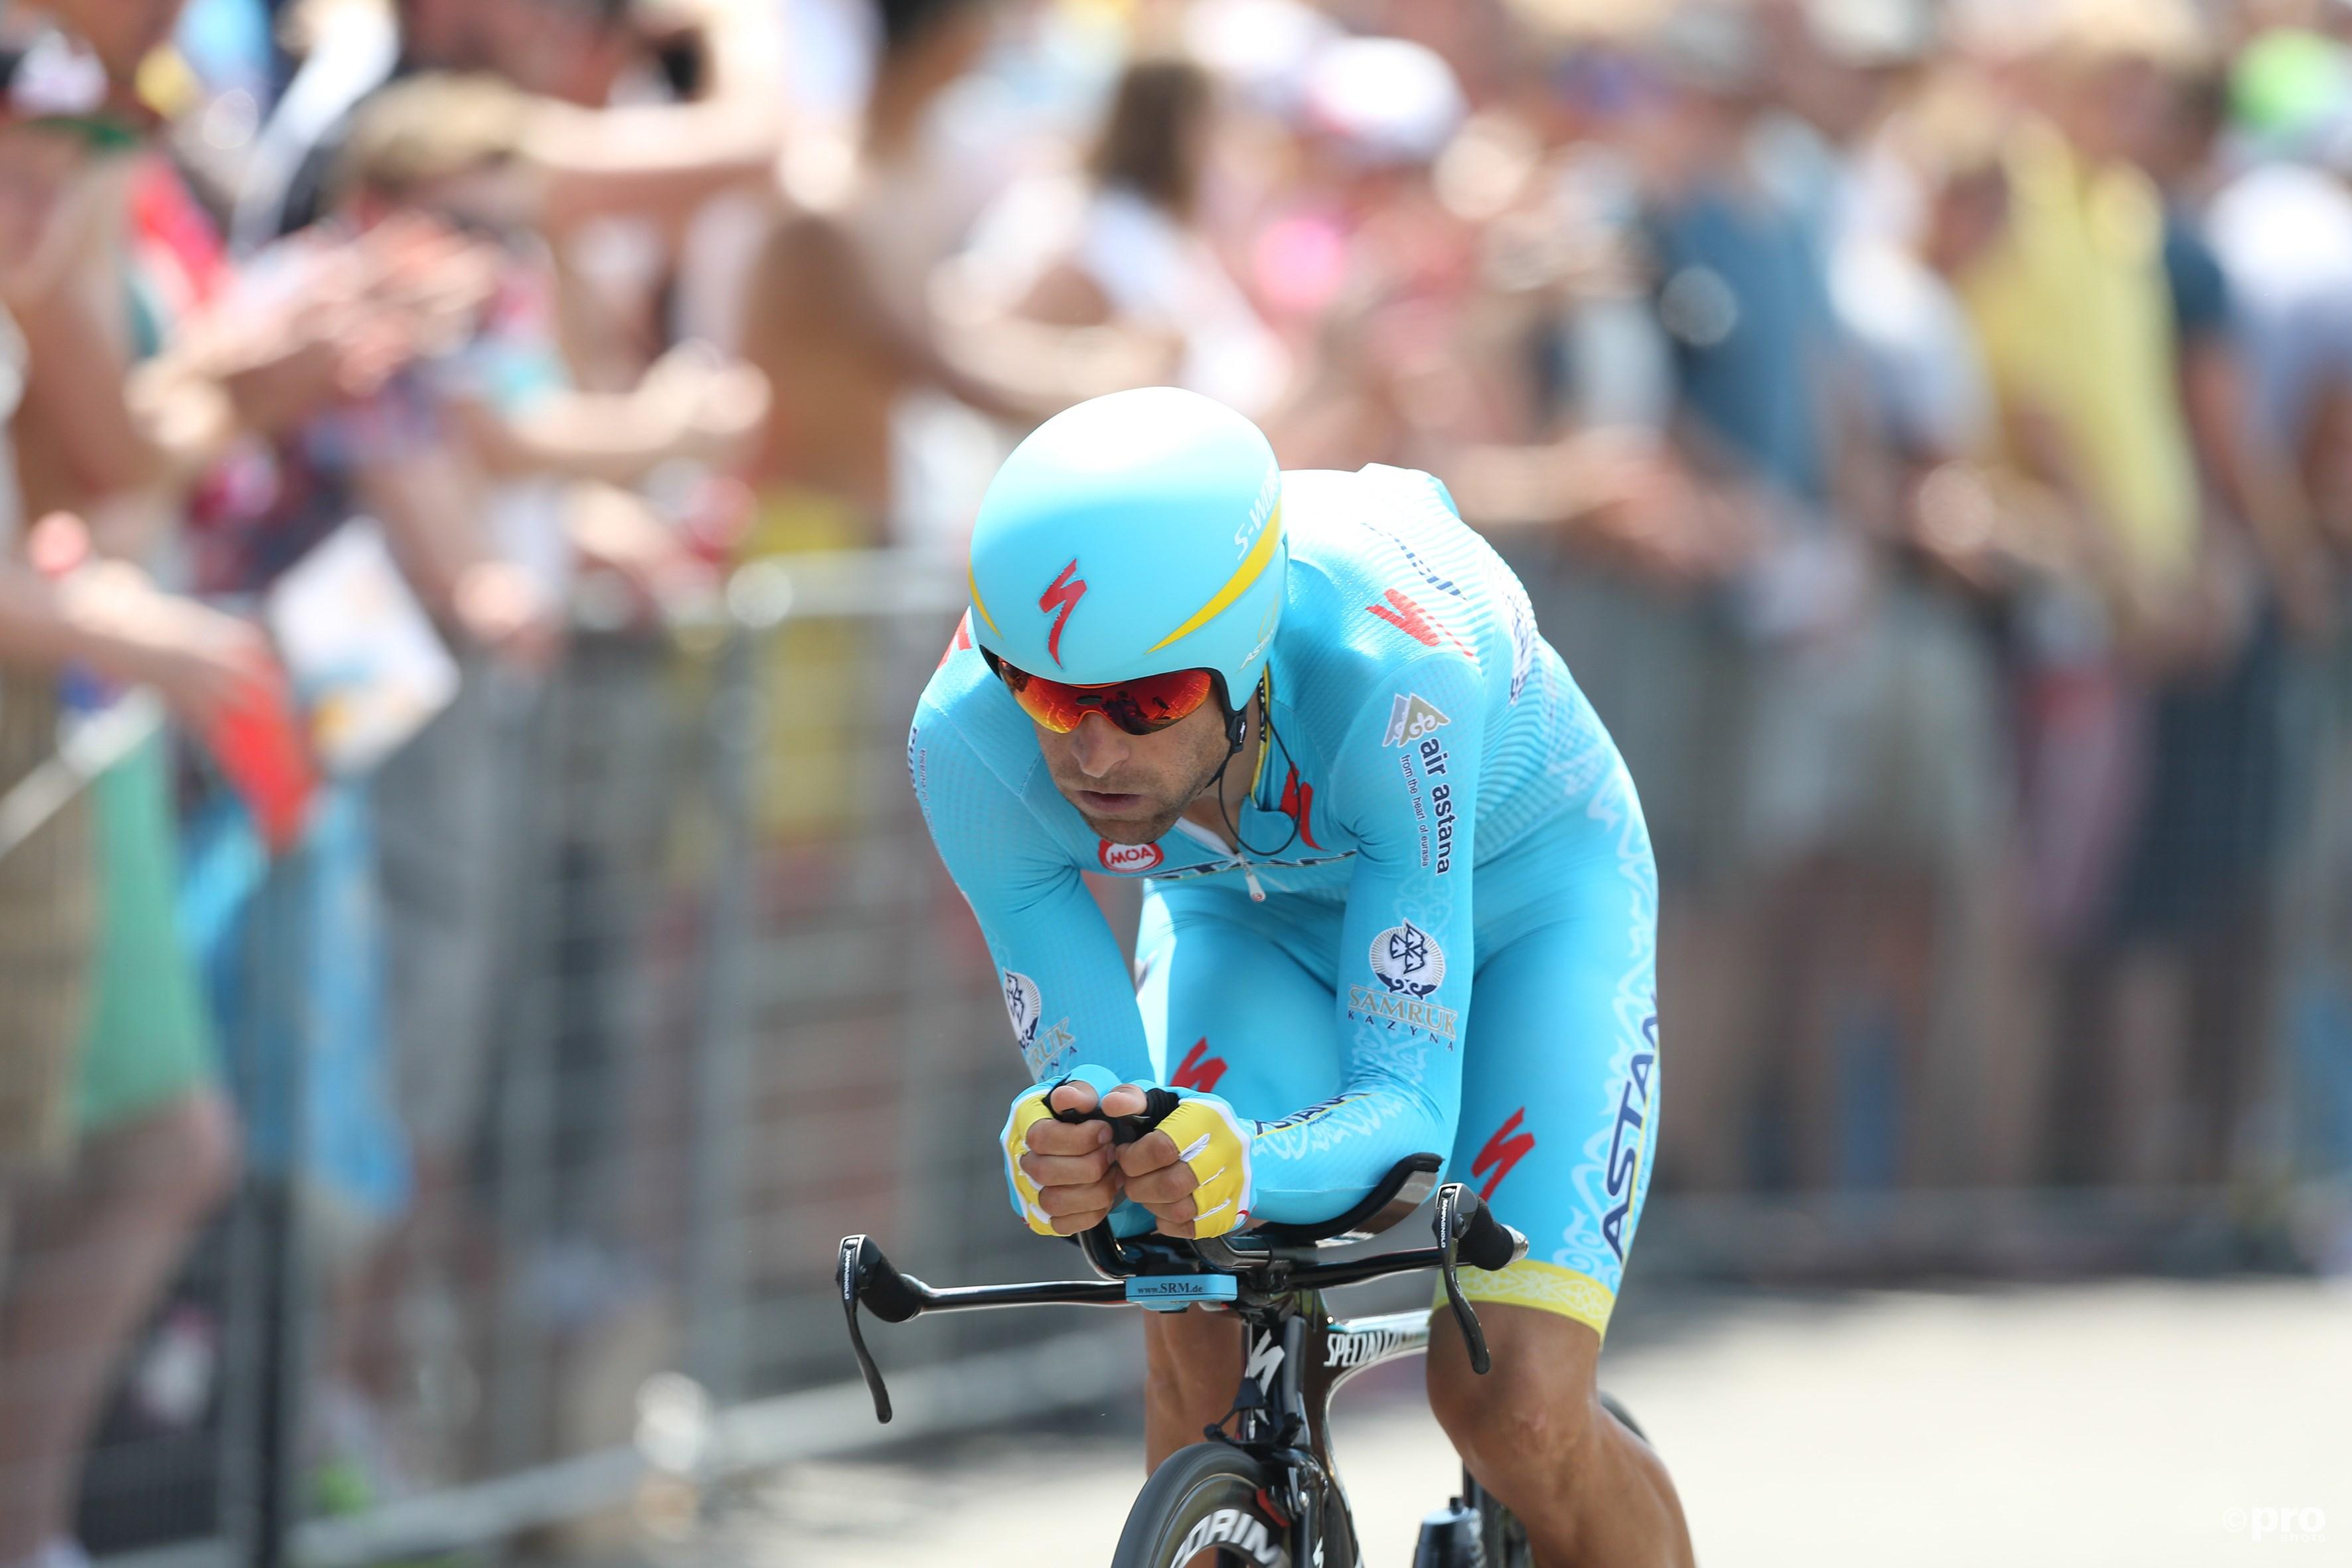 Scarponi tijdens de proloog van de Tour de France van 2015 in Utrecht (Pro Shots/Paul Roling)